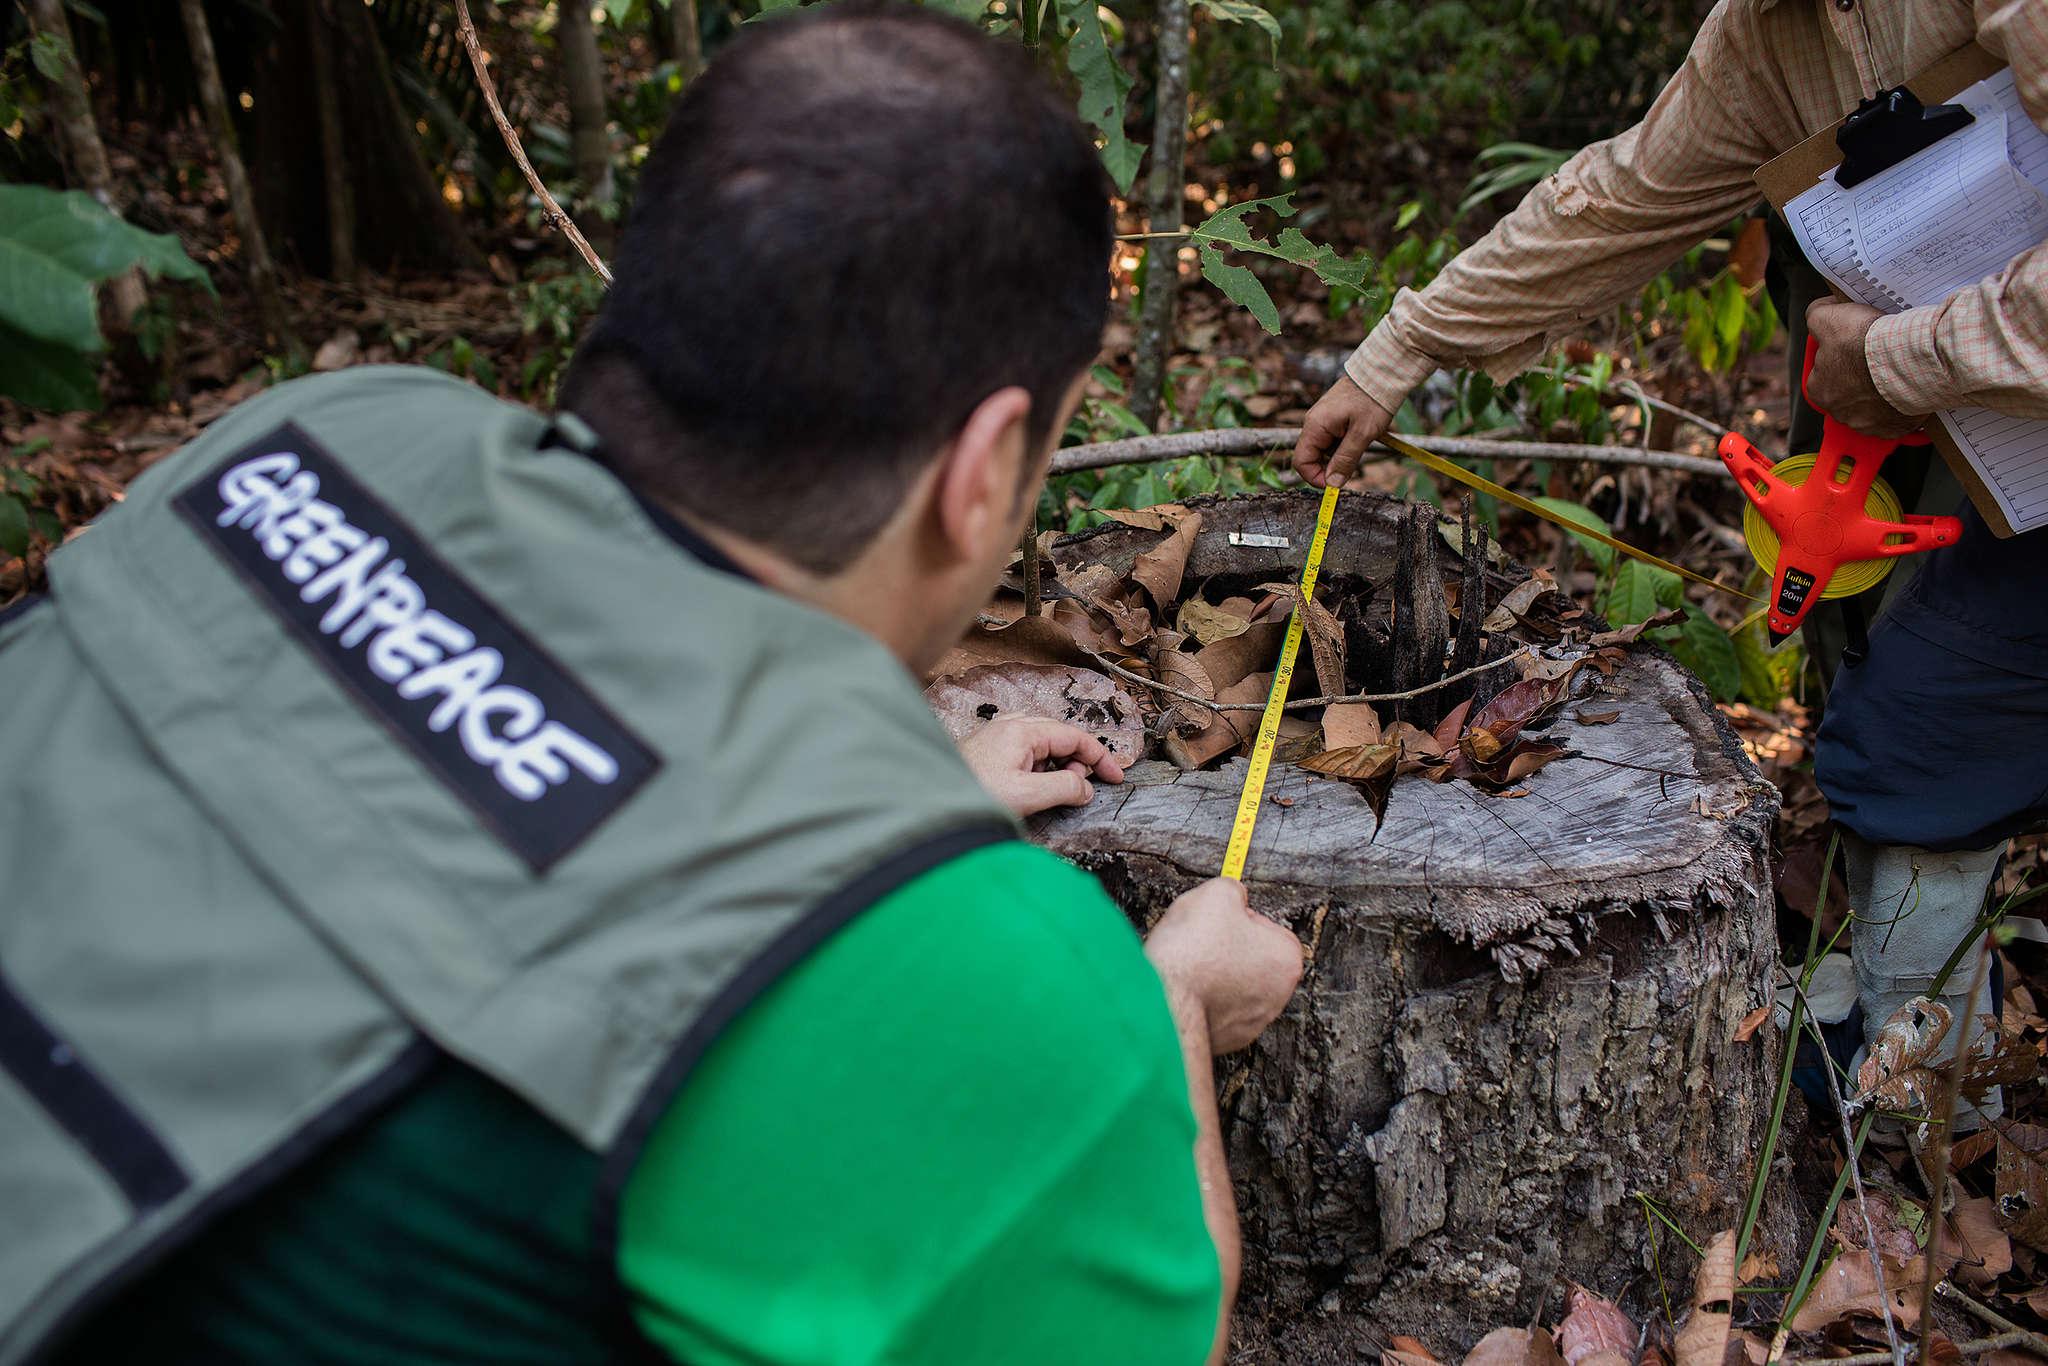 Equipe do Greenpeace e do Ibama analisam tora de madeira encontrada